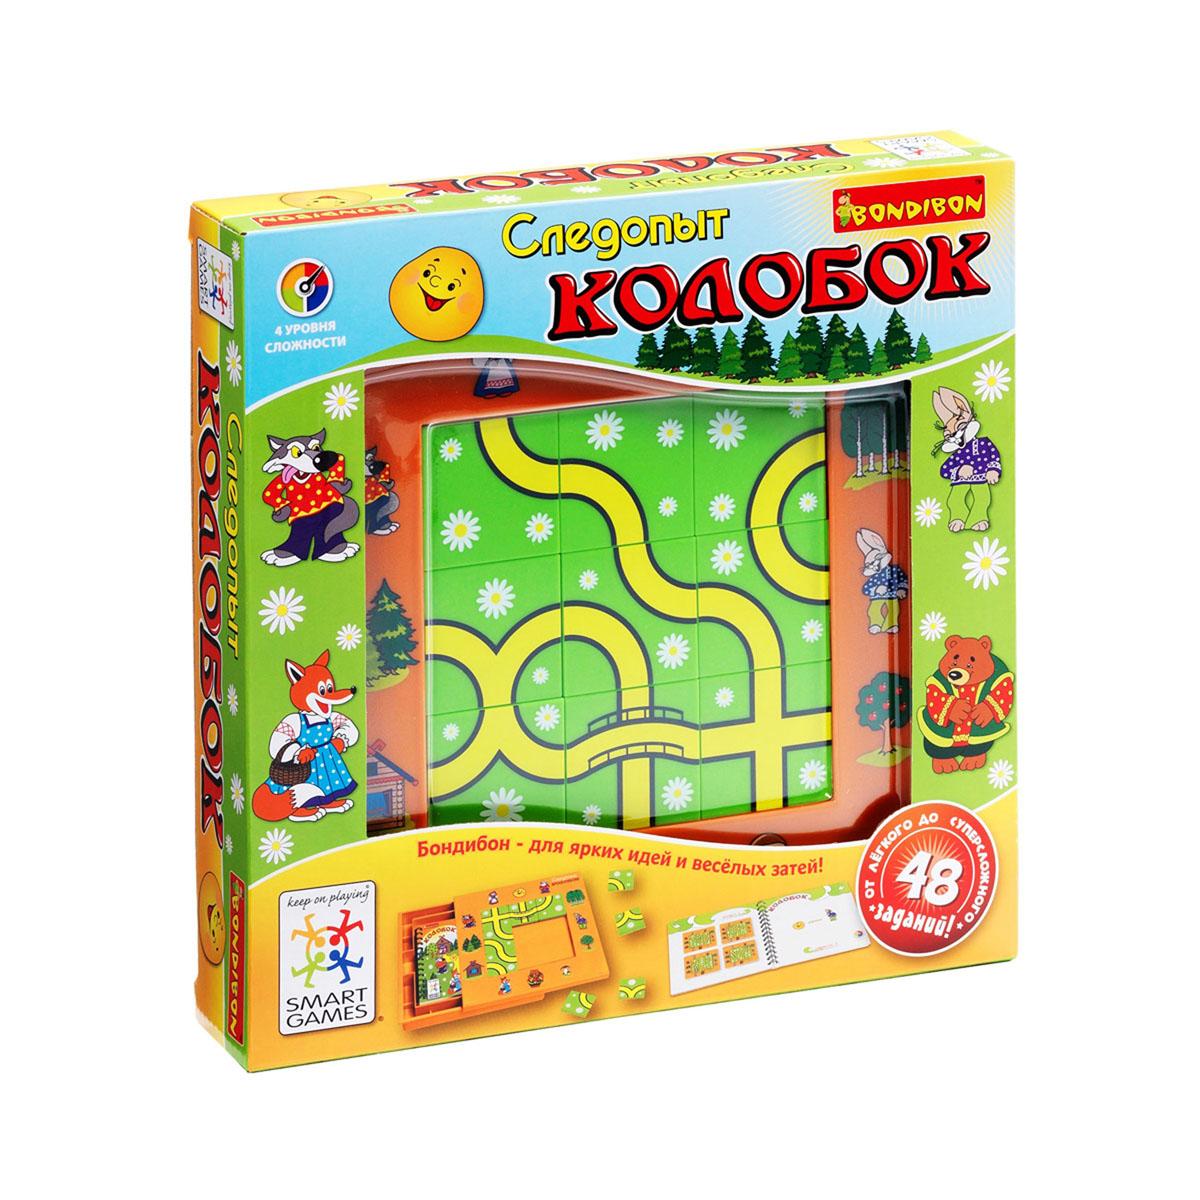 Bondibon Обучающая игра Следопыт Колобок bondibon логические игры bondibon следопыт колобок